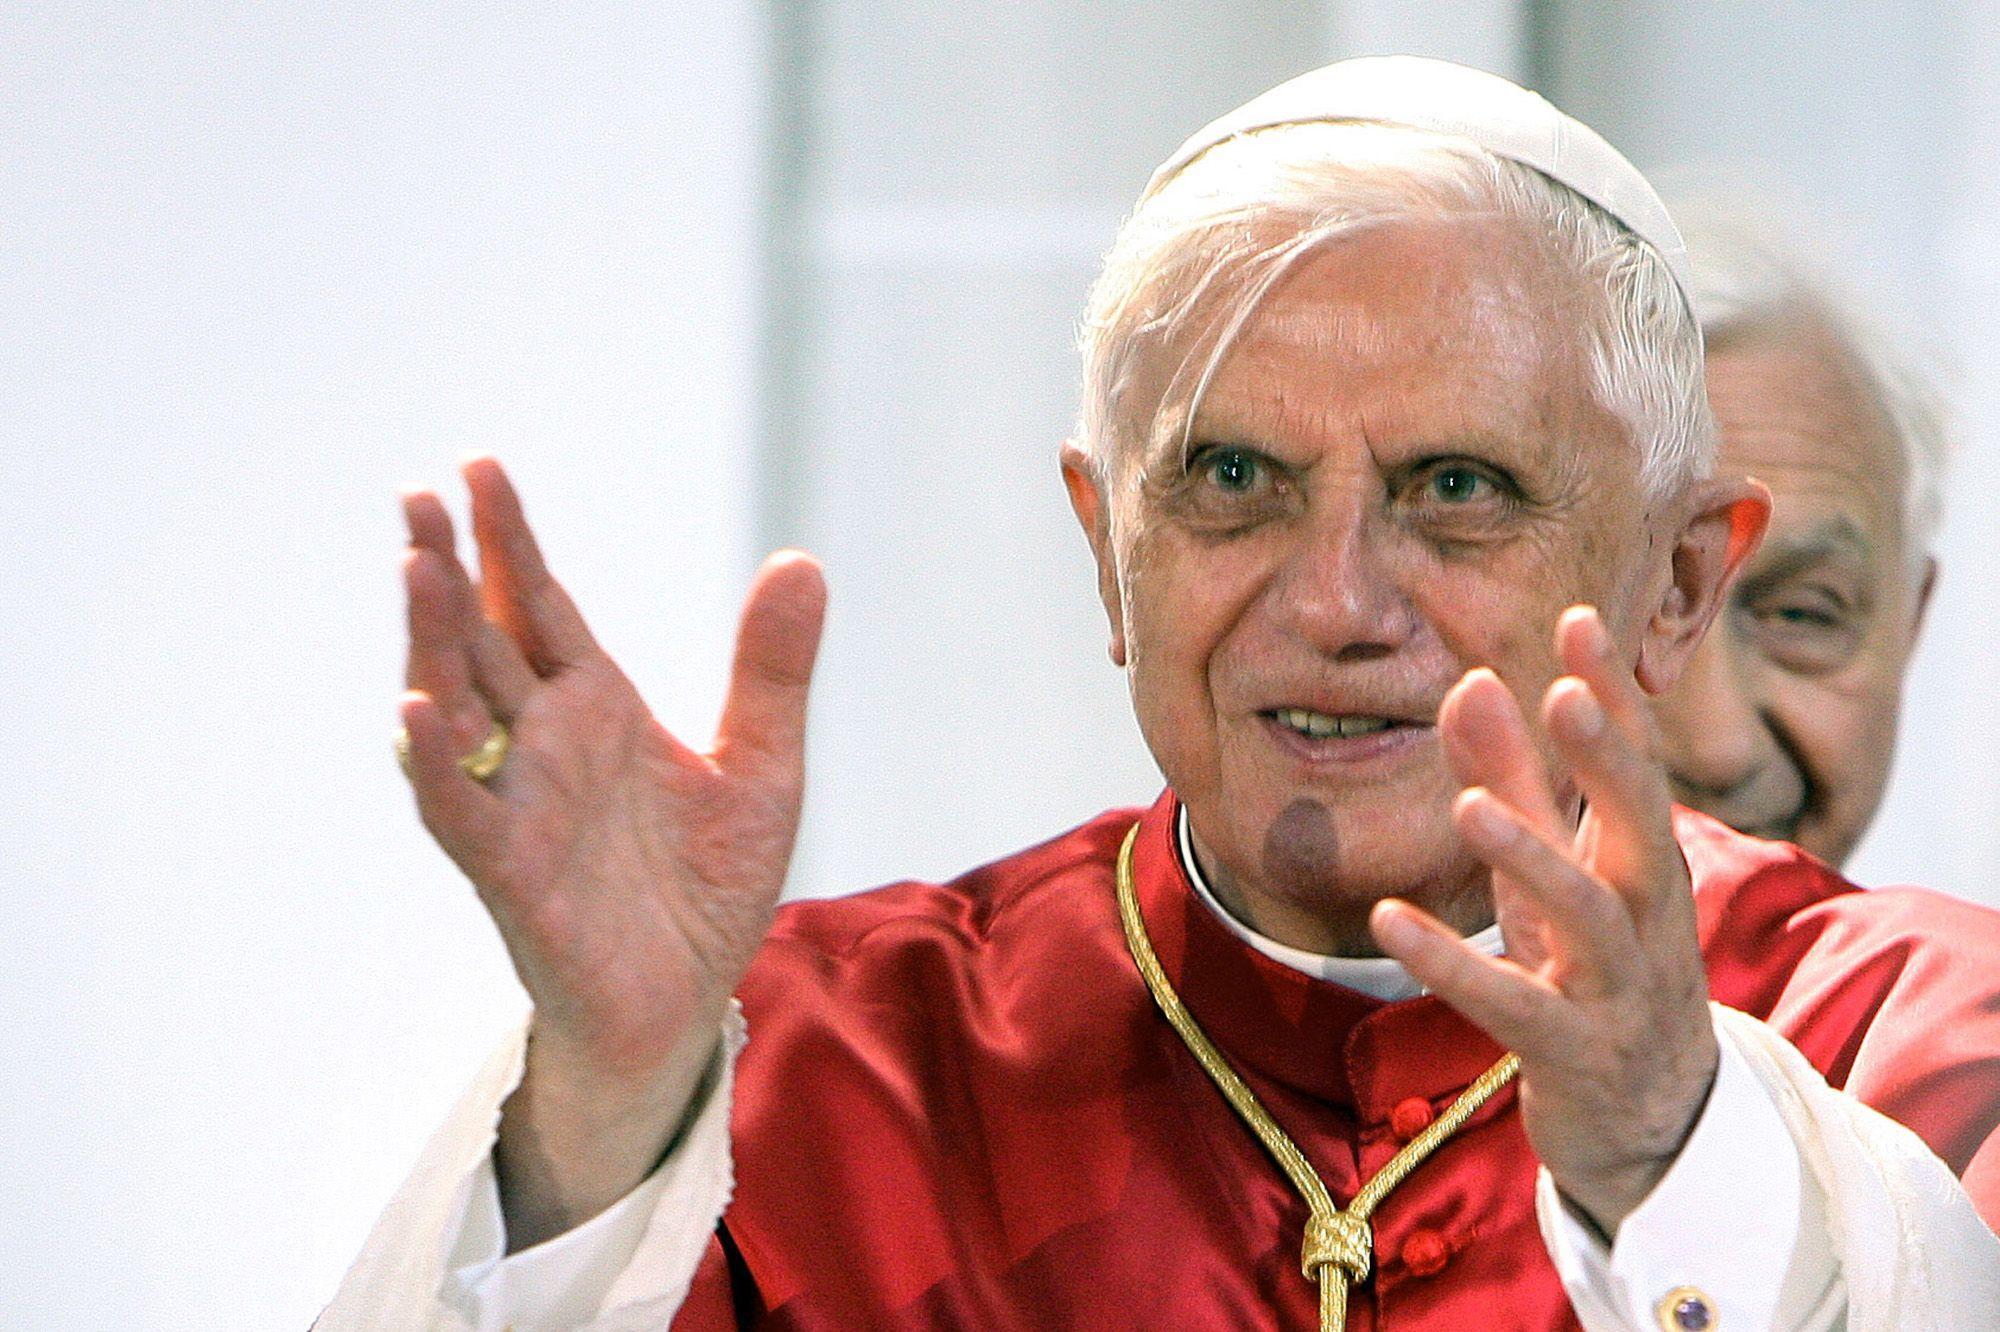 L'ancien pape Benoît XVI demande le retrait de son nom d'un livre  controversé